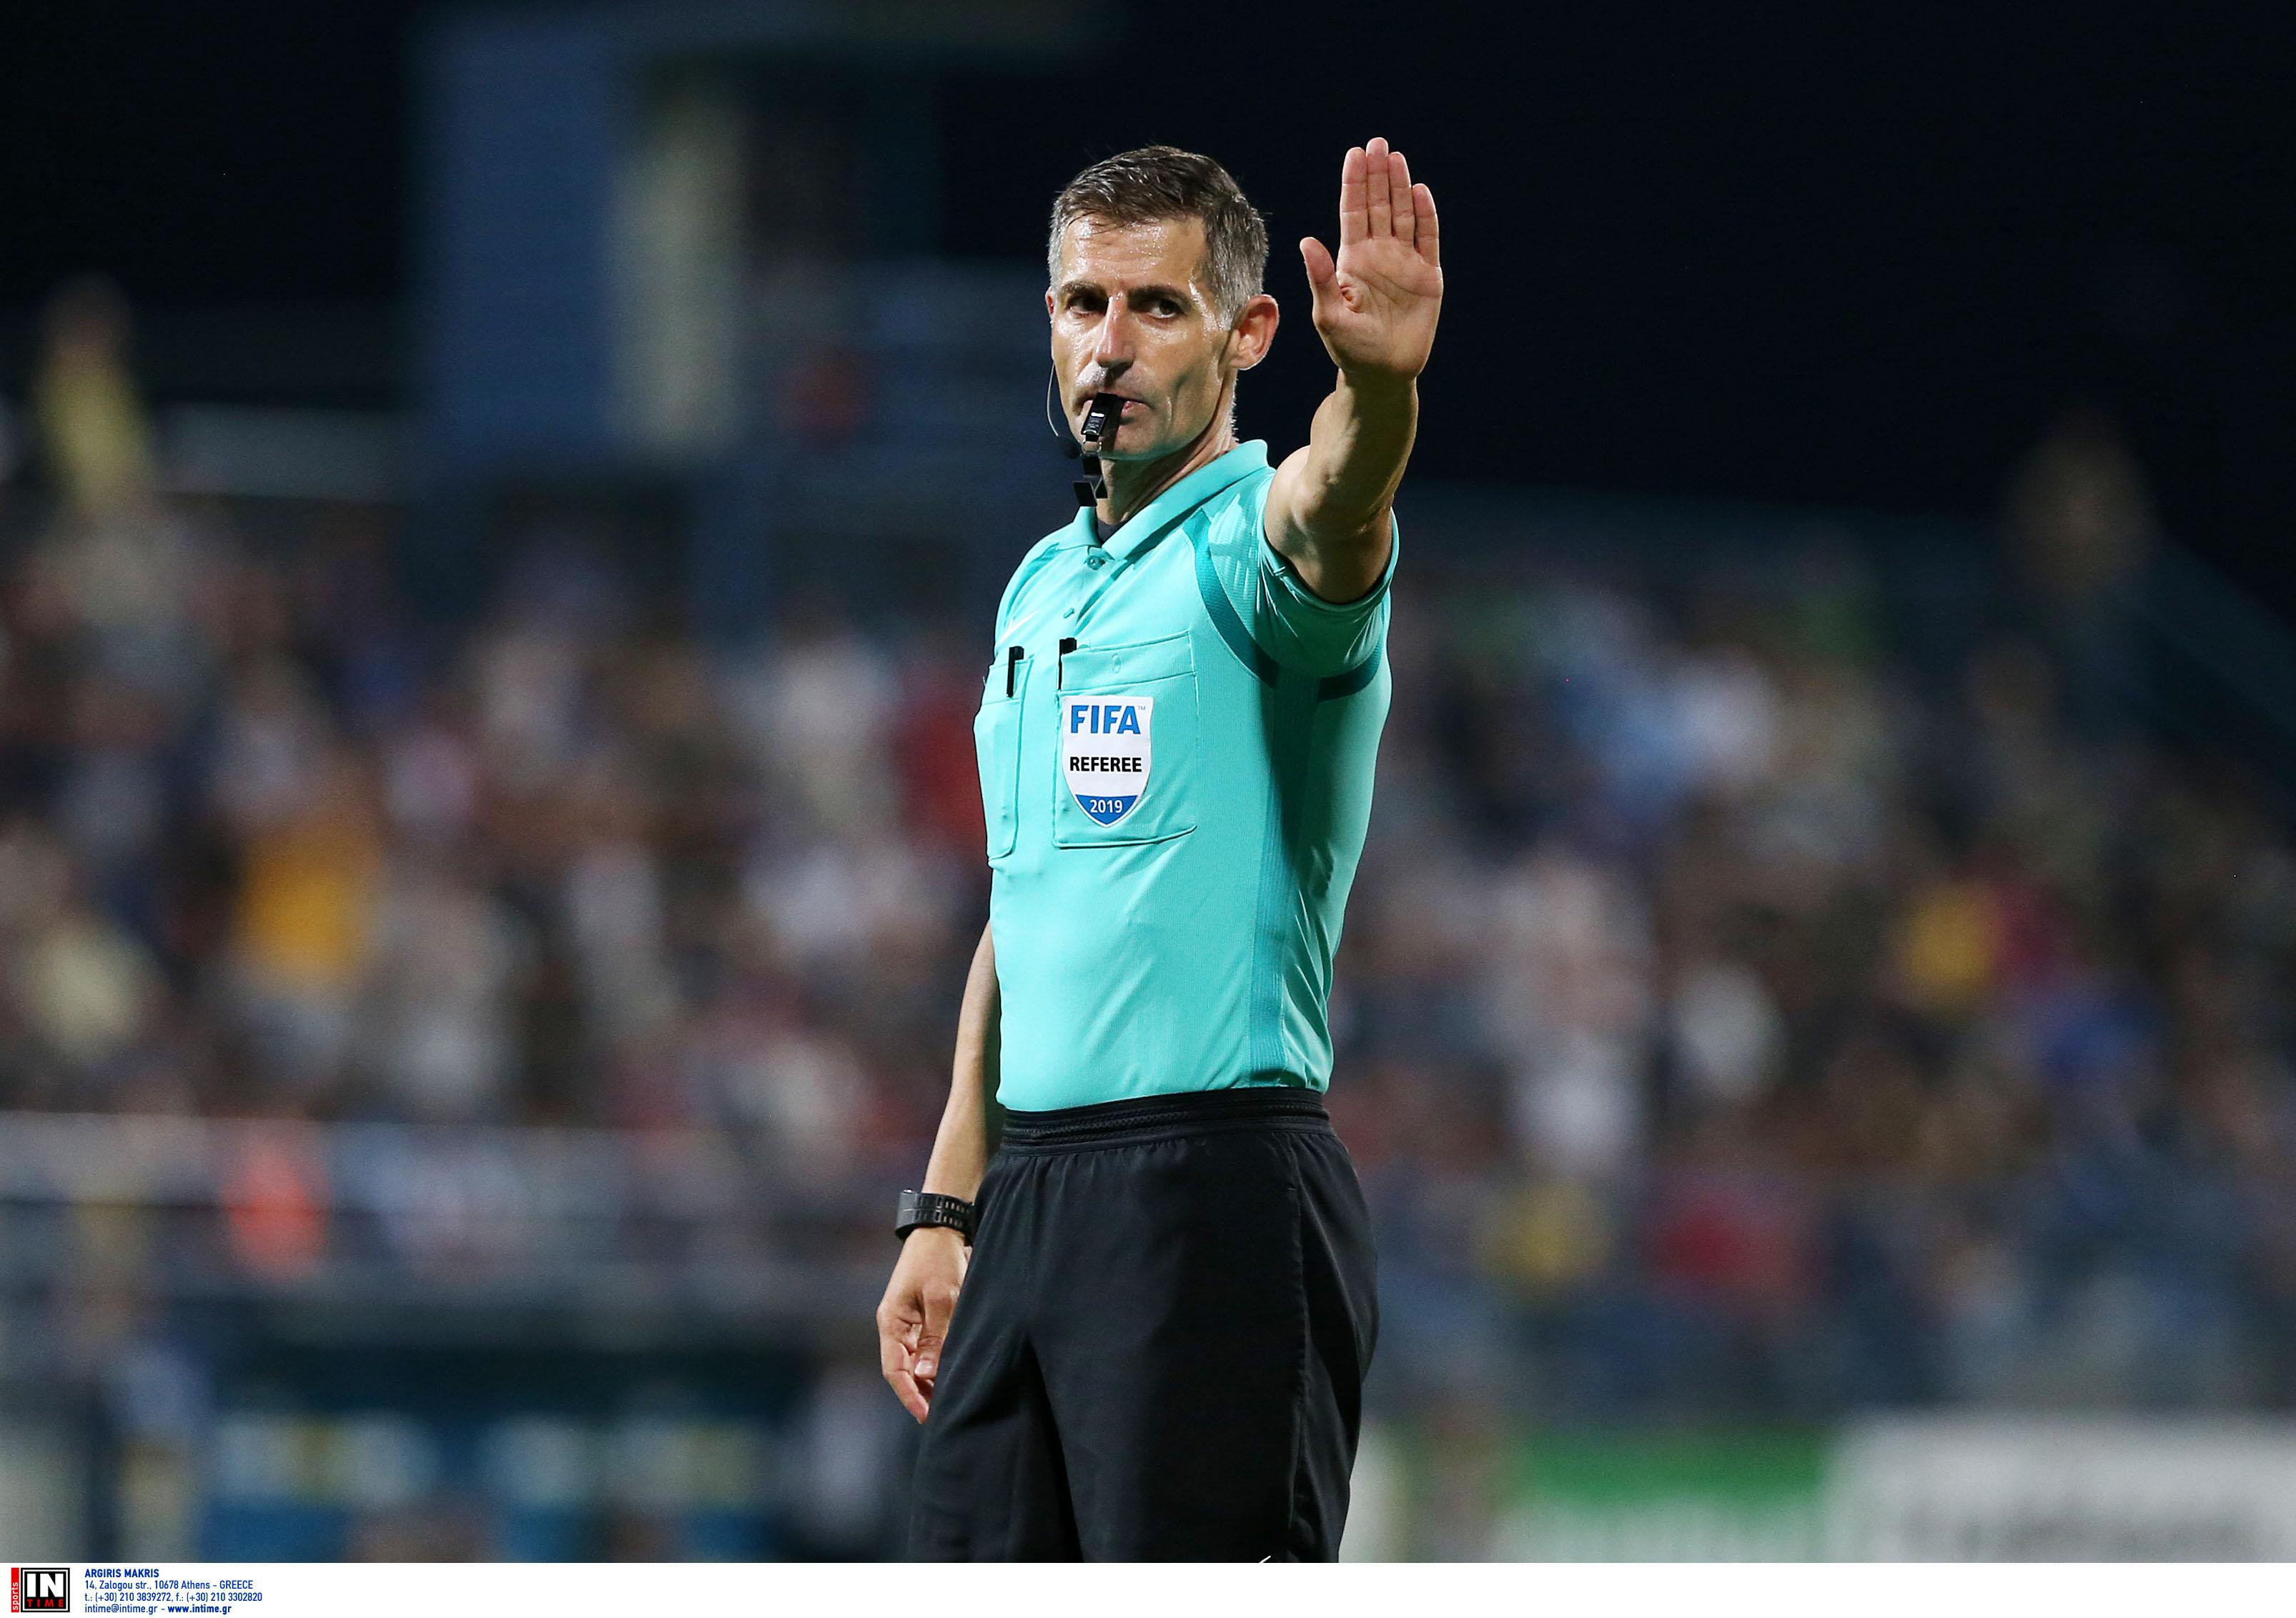 """Nations League: """"Σφυρίζει"""" ματς της πρώτης κατηγορίας ο Σιδηρόπουλος"""